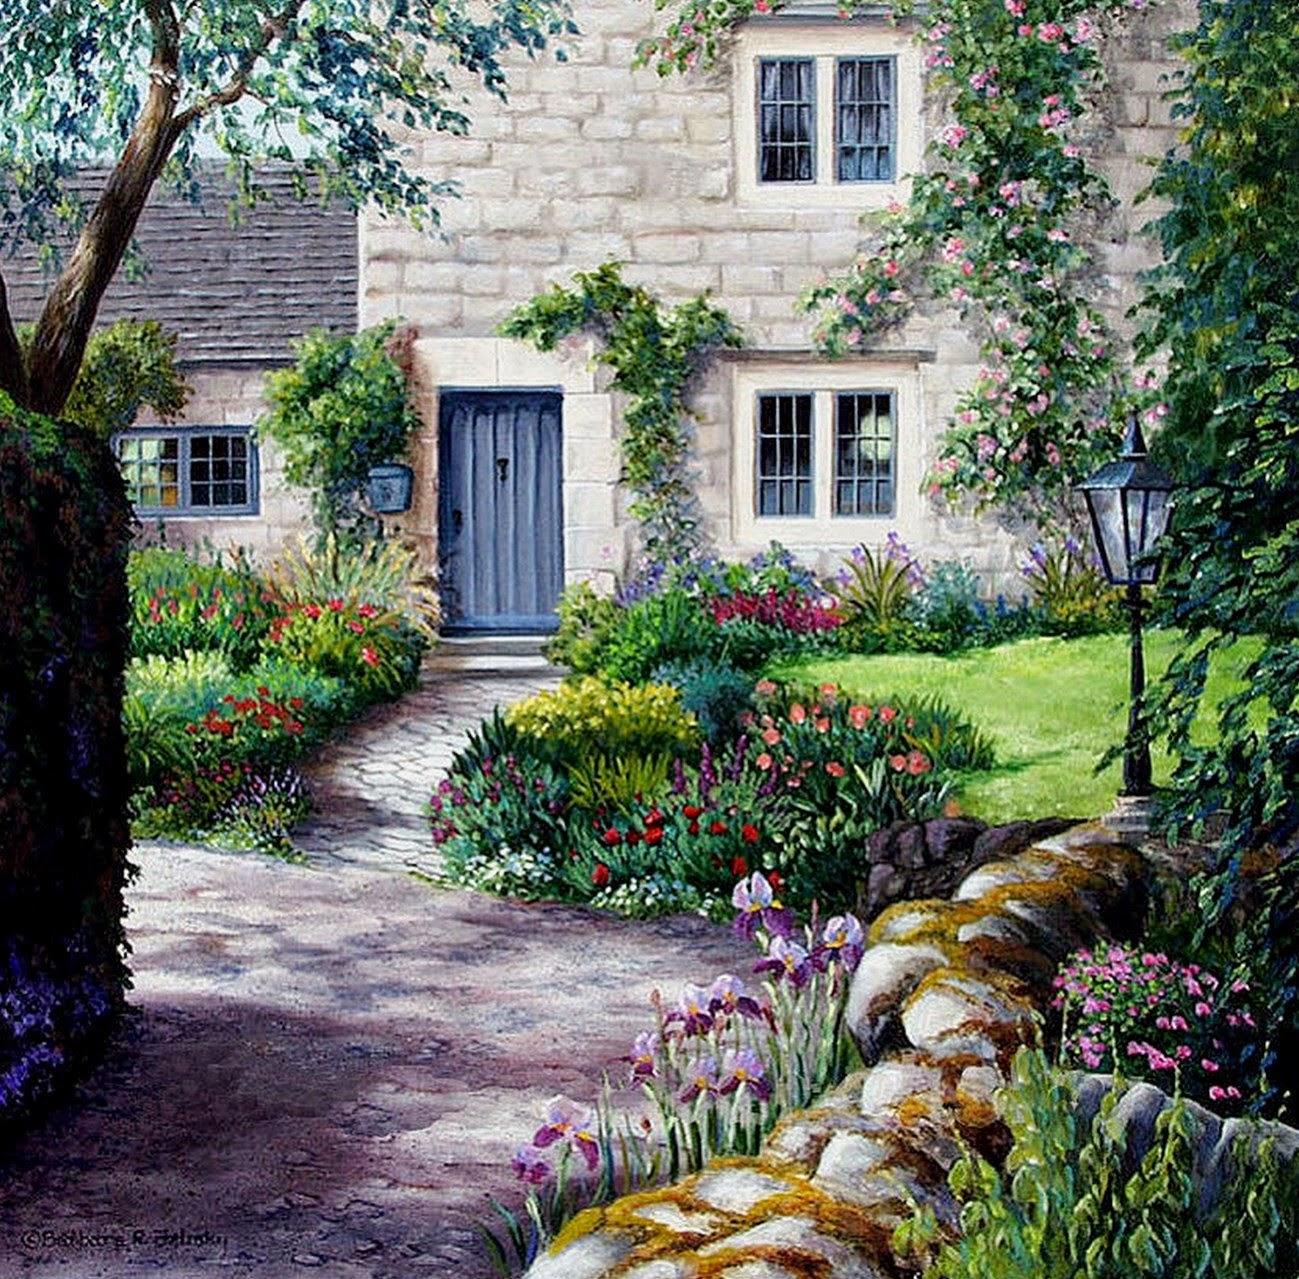 paisajes-con-jardines-y-flores-pintados-al-oleo